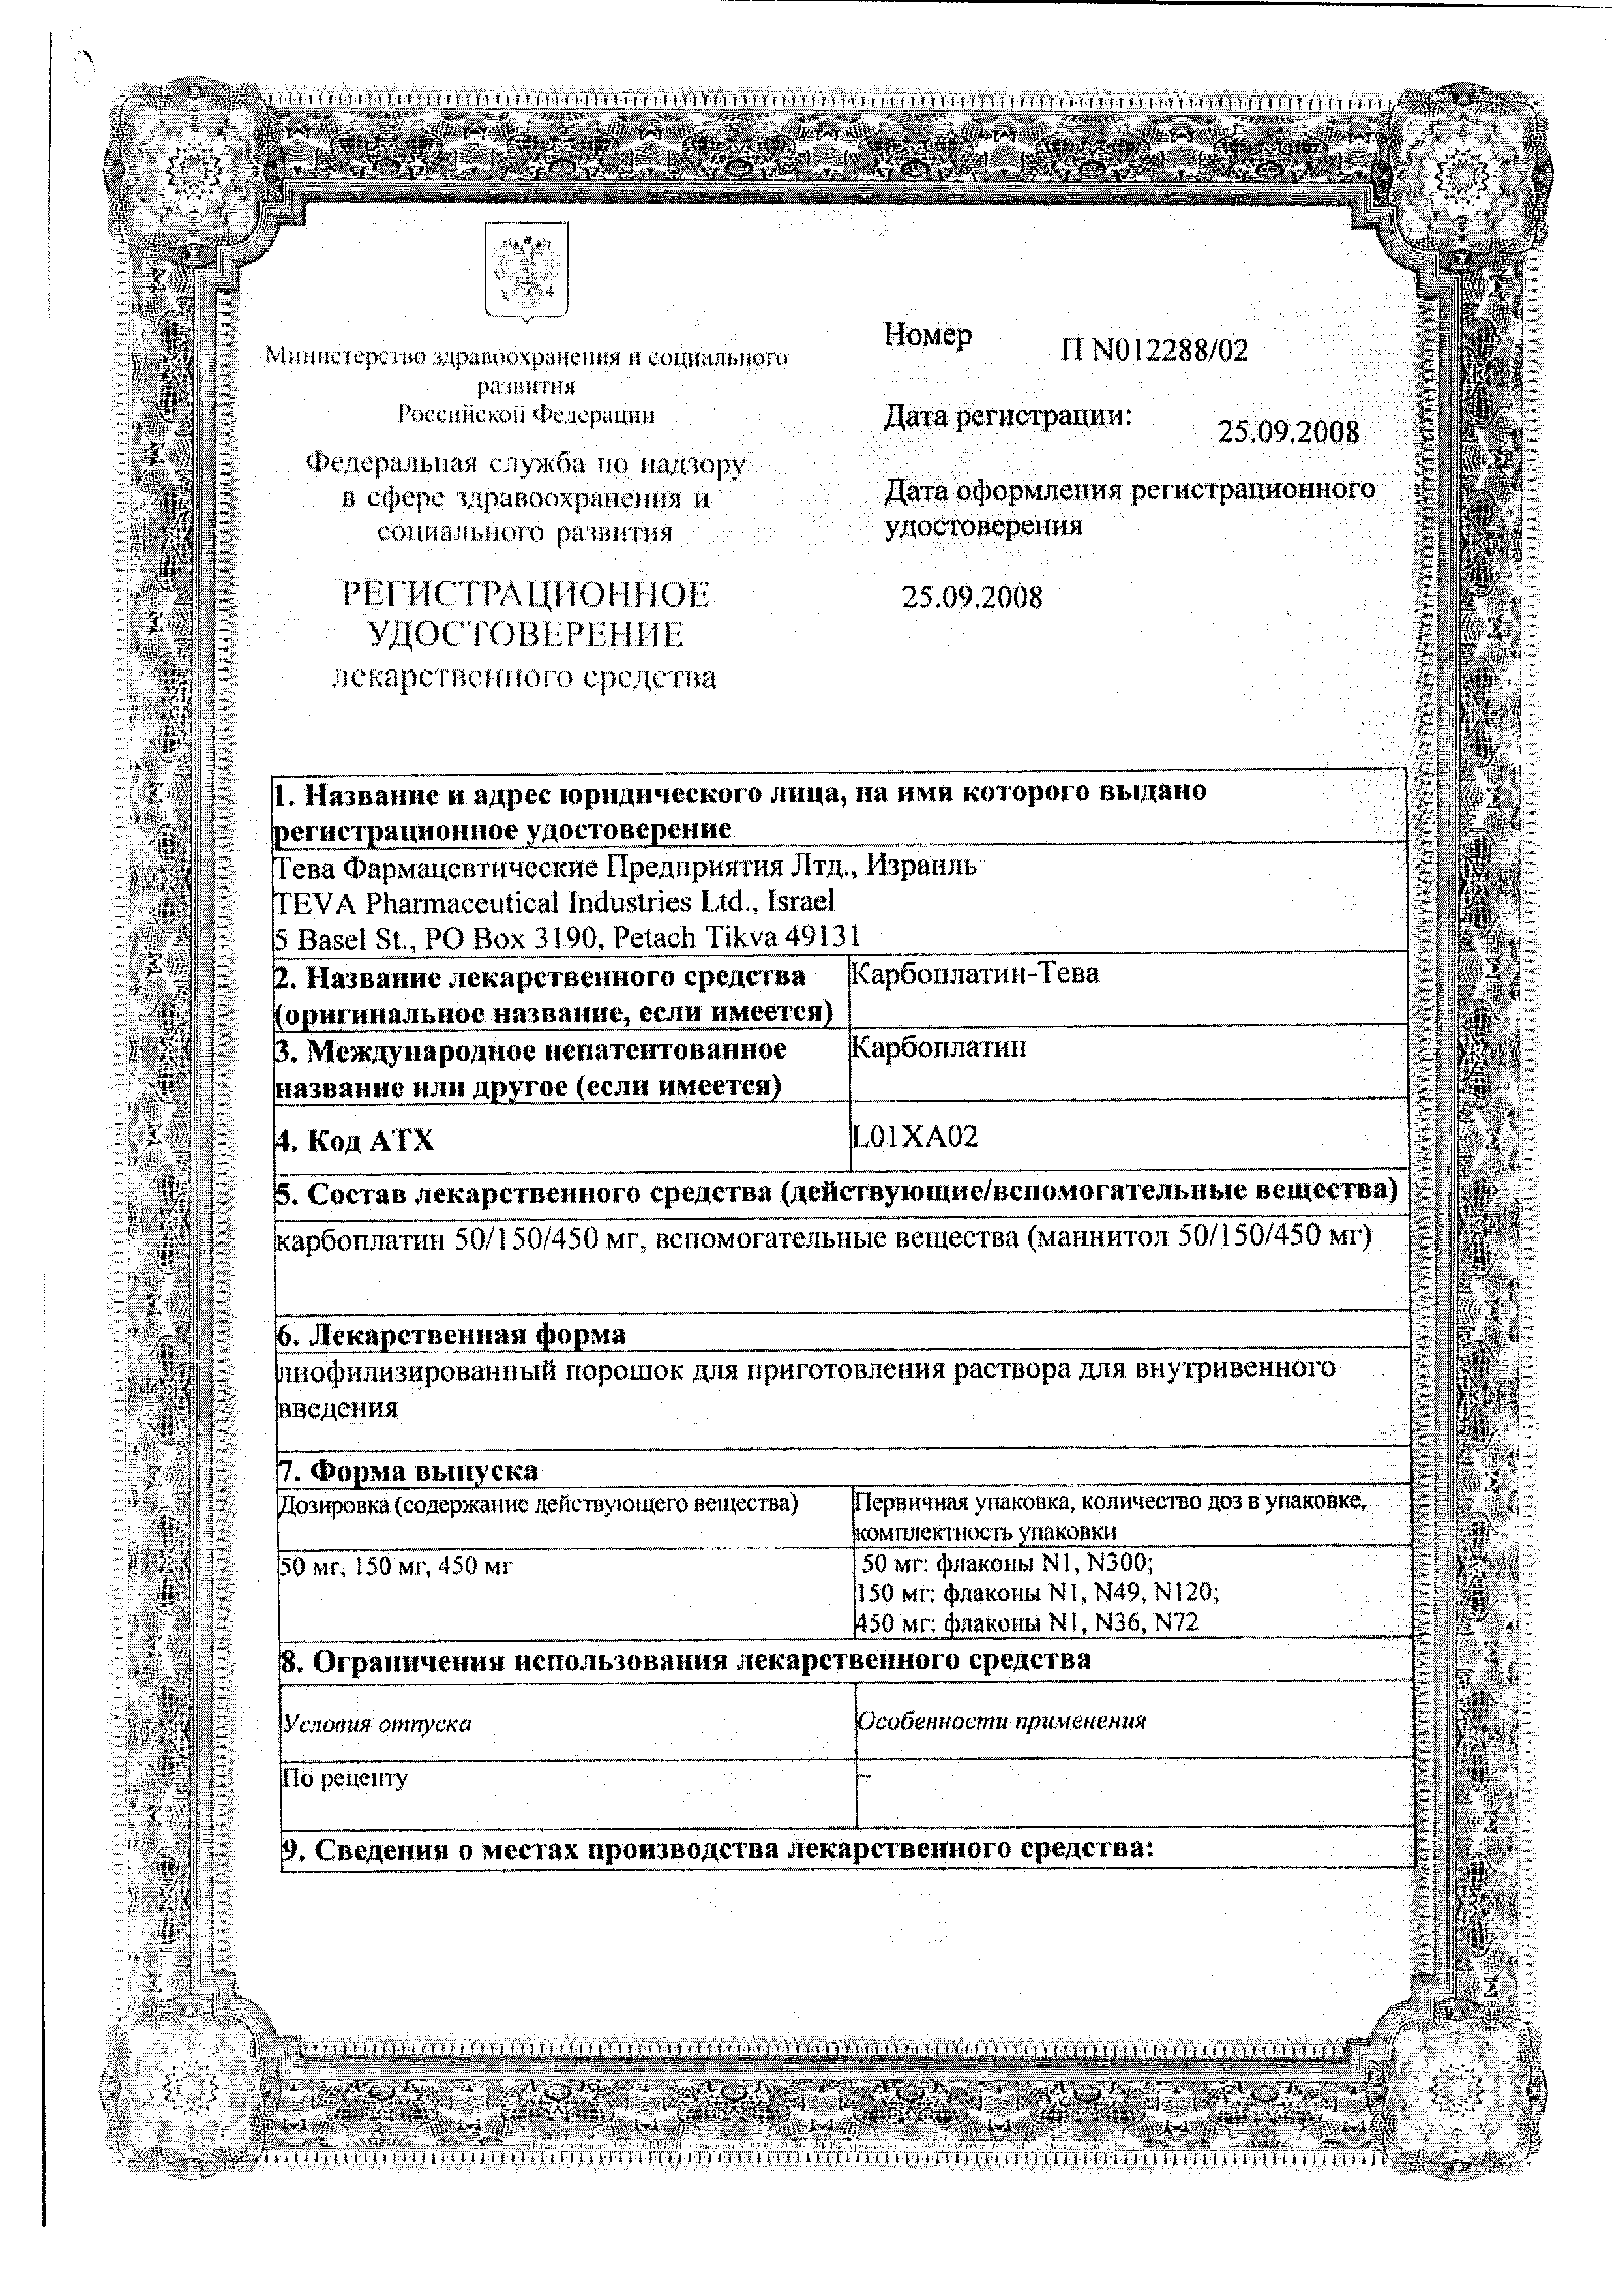 Карбоплатин-Тева сертификат